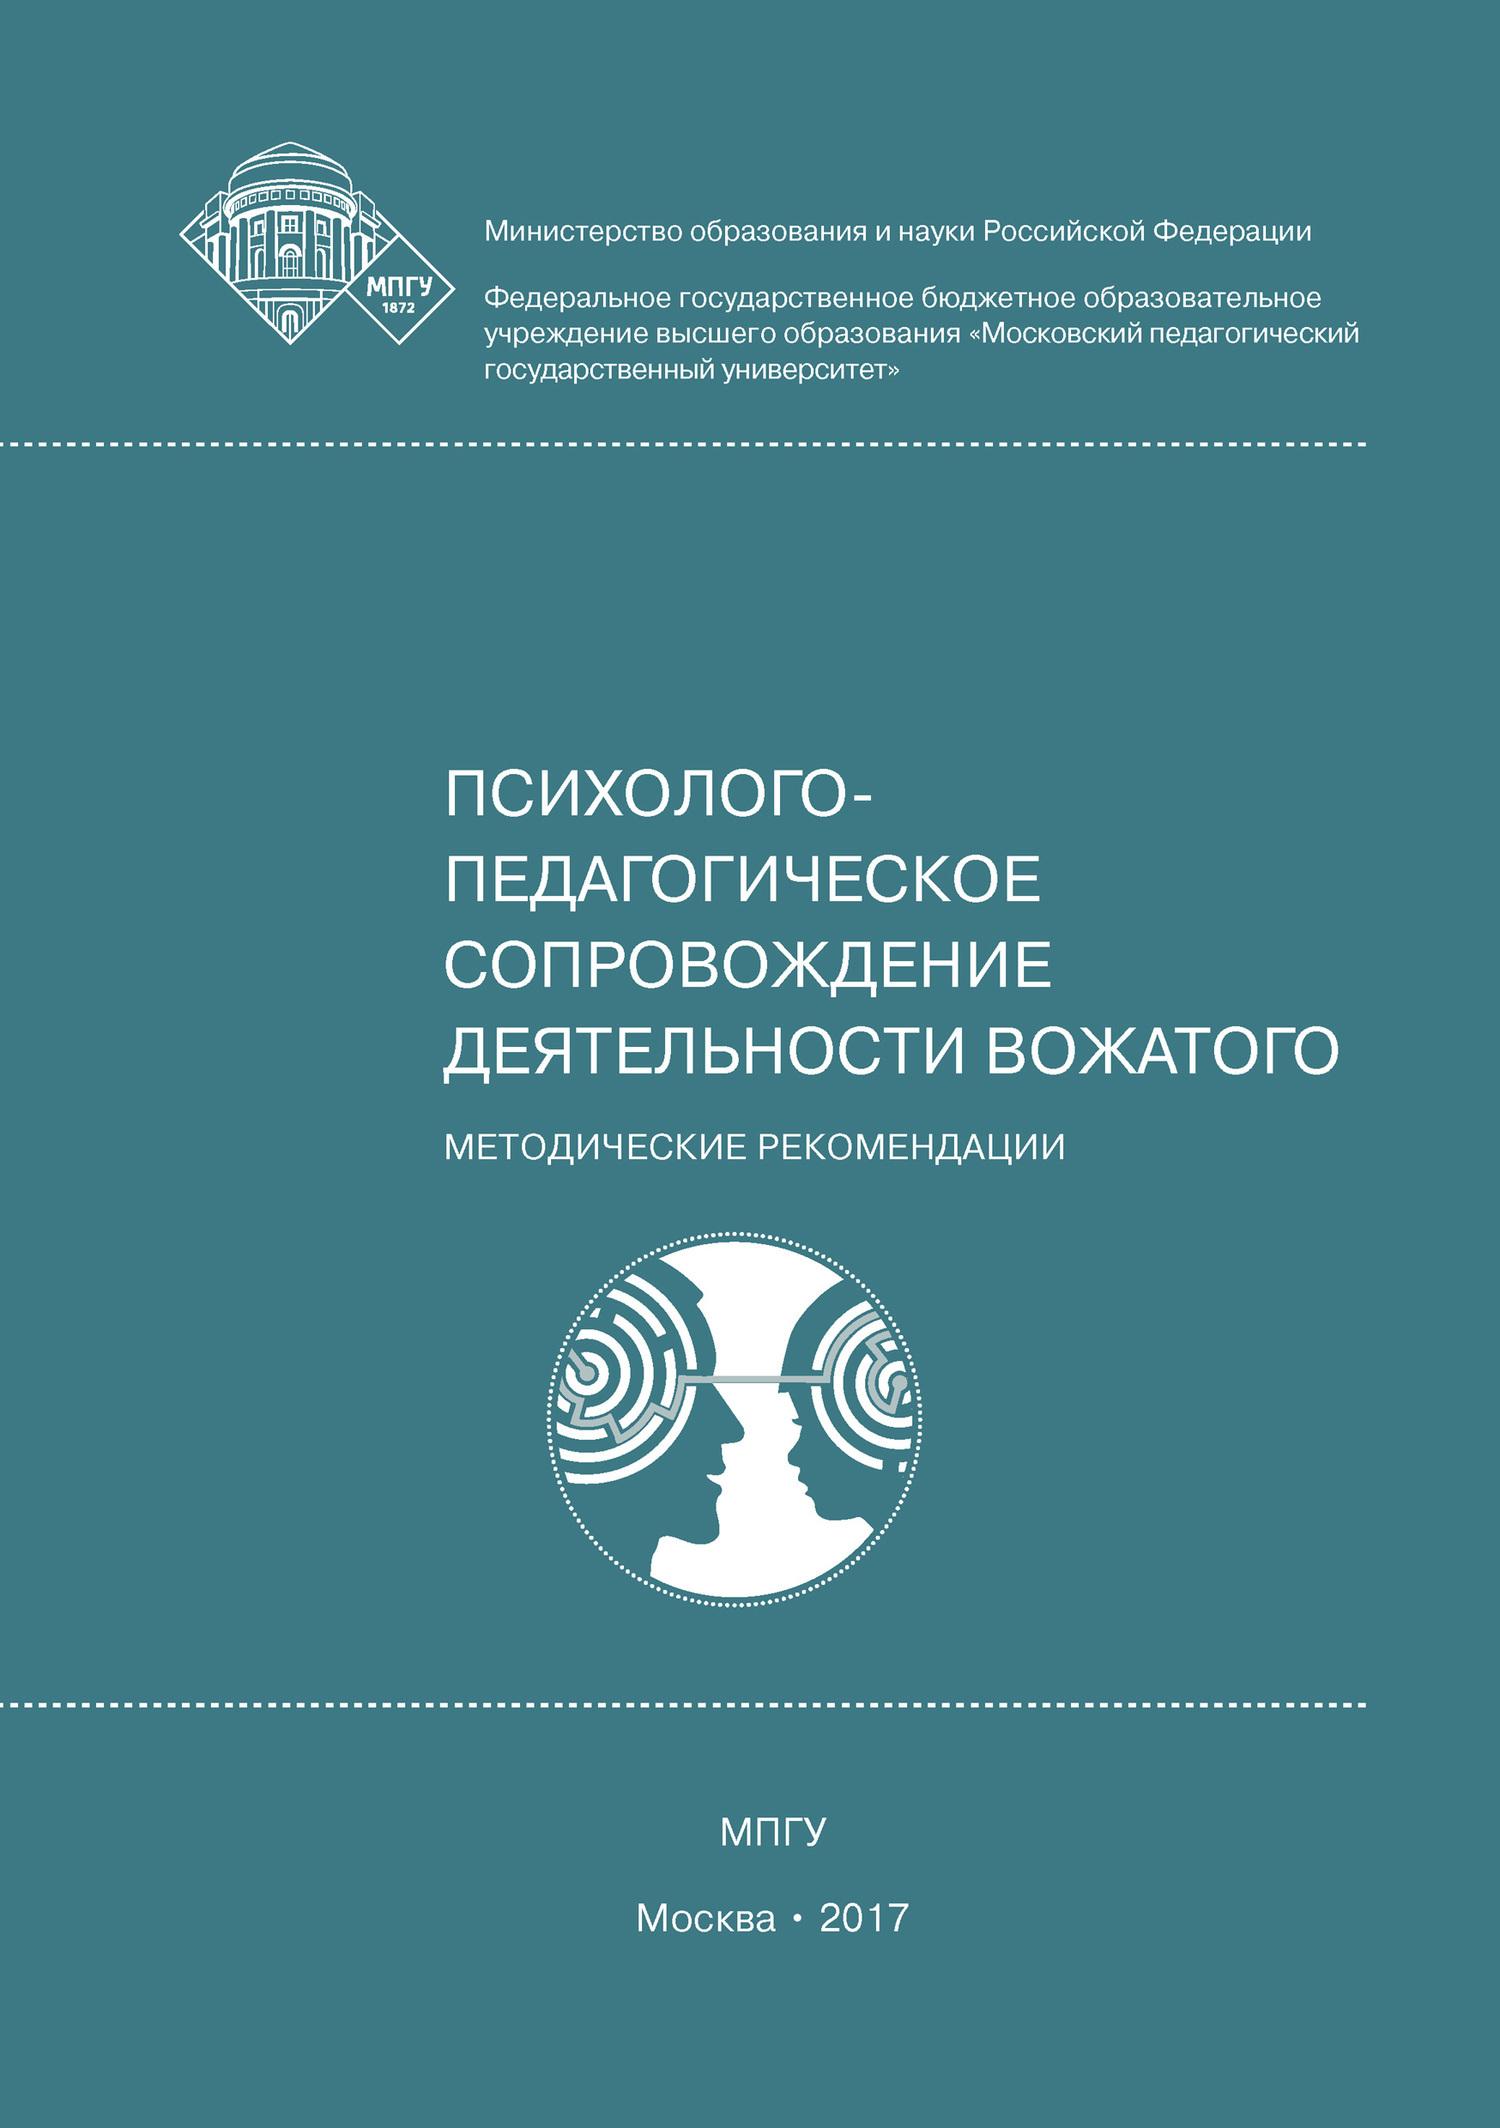 Елена Леванова, Татьяна Сахарова - Профессиональная этика и коммуникативная культура вожатого